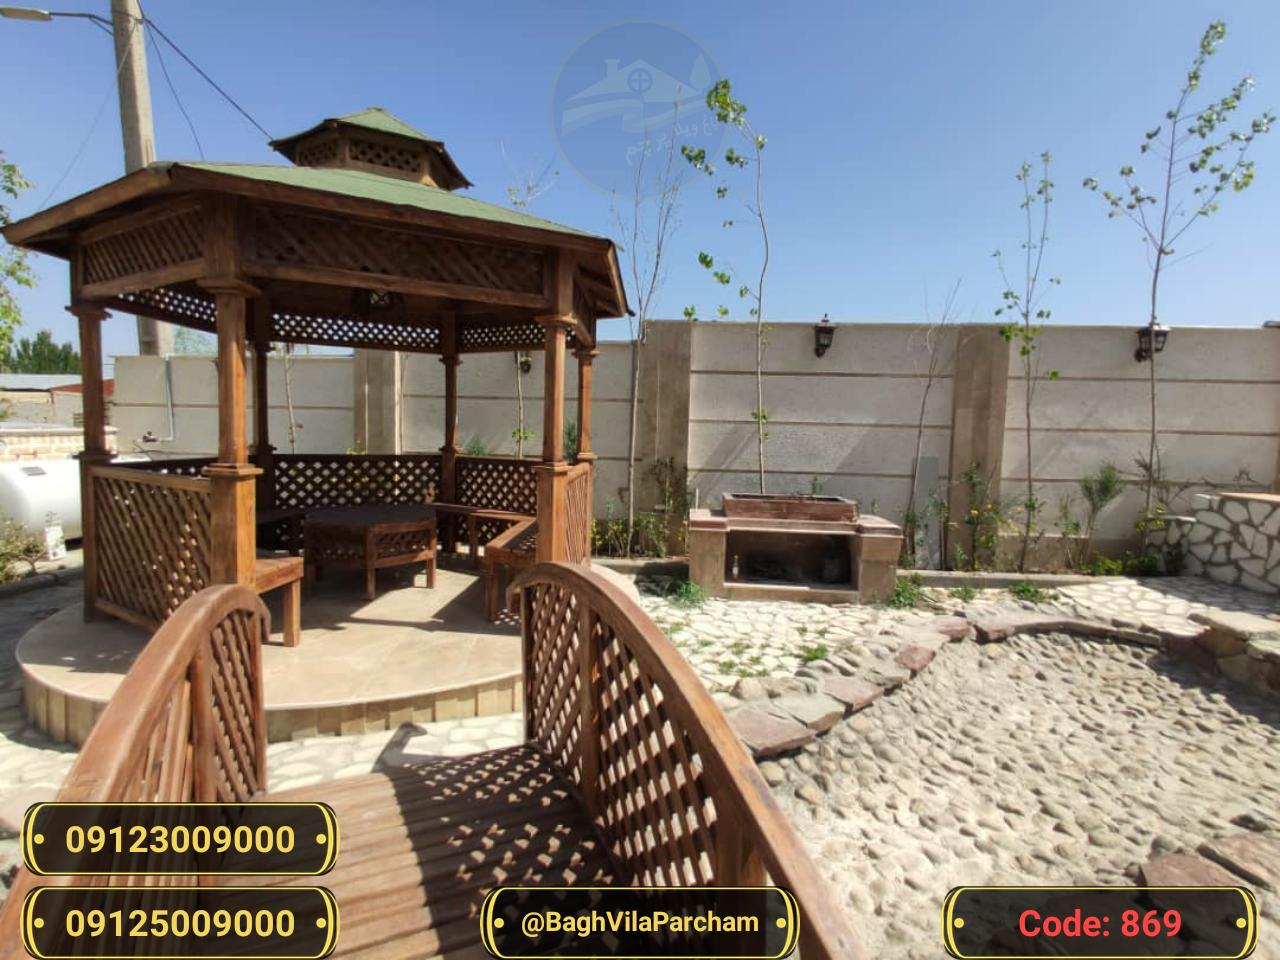 تصویر عکس باغ ویلا شماره 9 از ویلای ۷۵۰  متر ویلا مدرن Picture photo image 9 of ۷۵۰  متر ویلا مدرن